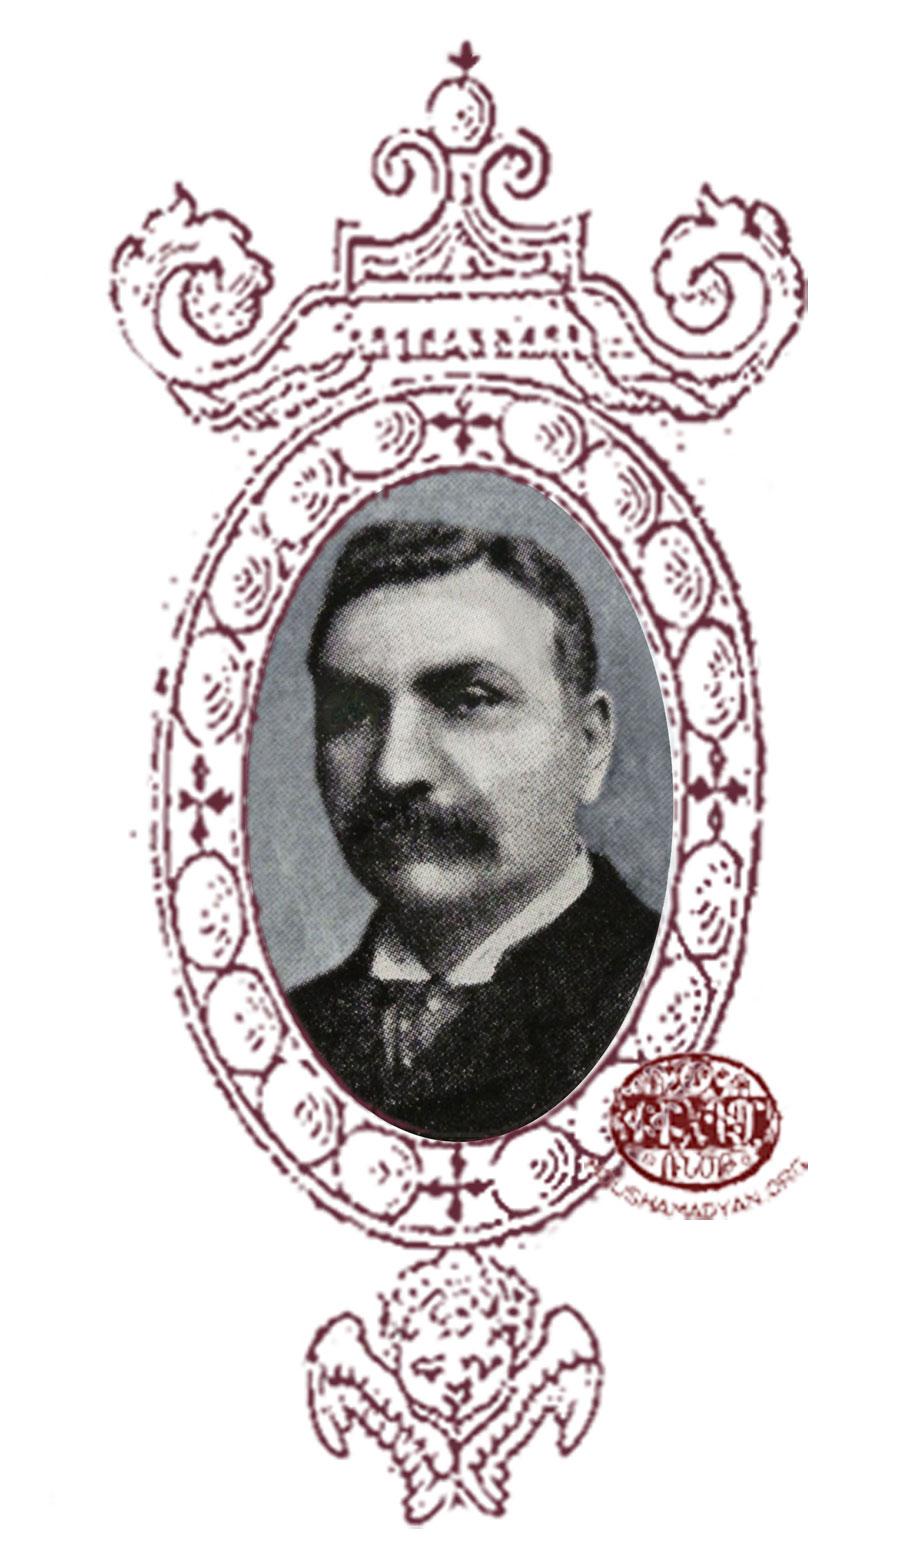 Յարութիւն Էնֆիէճեան